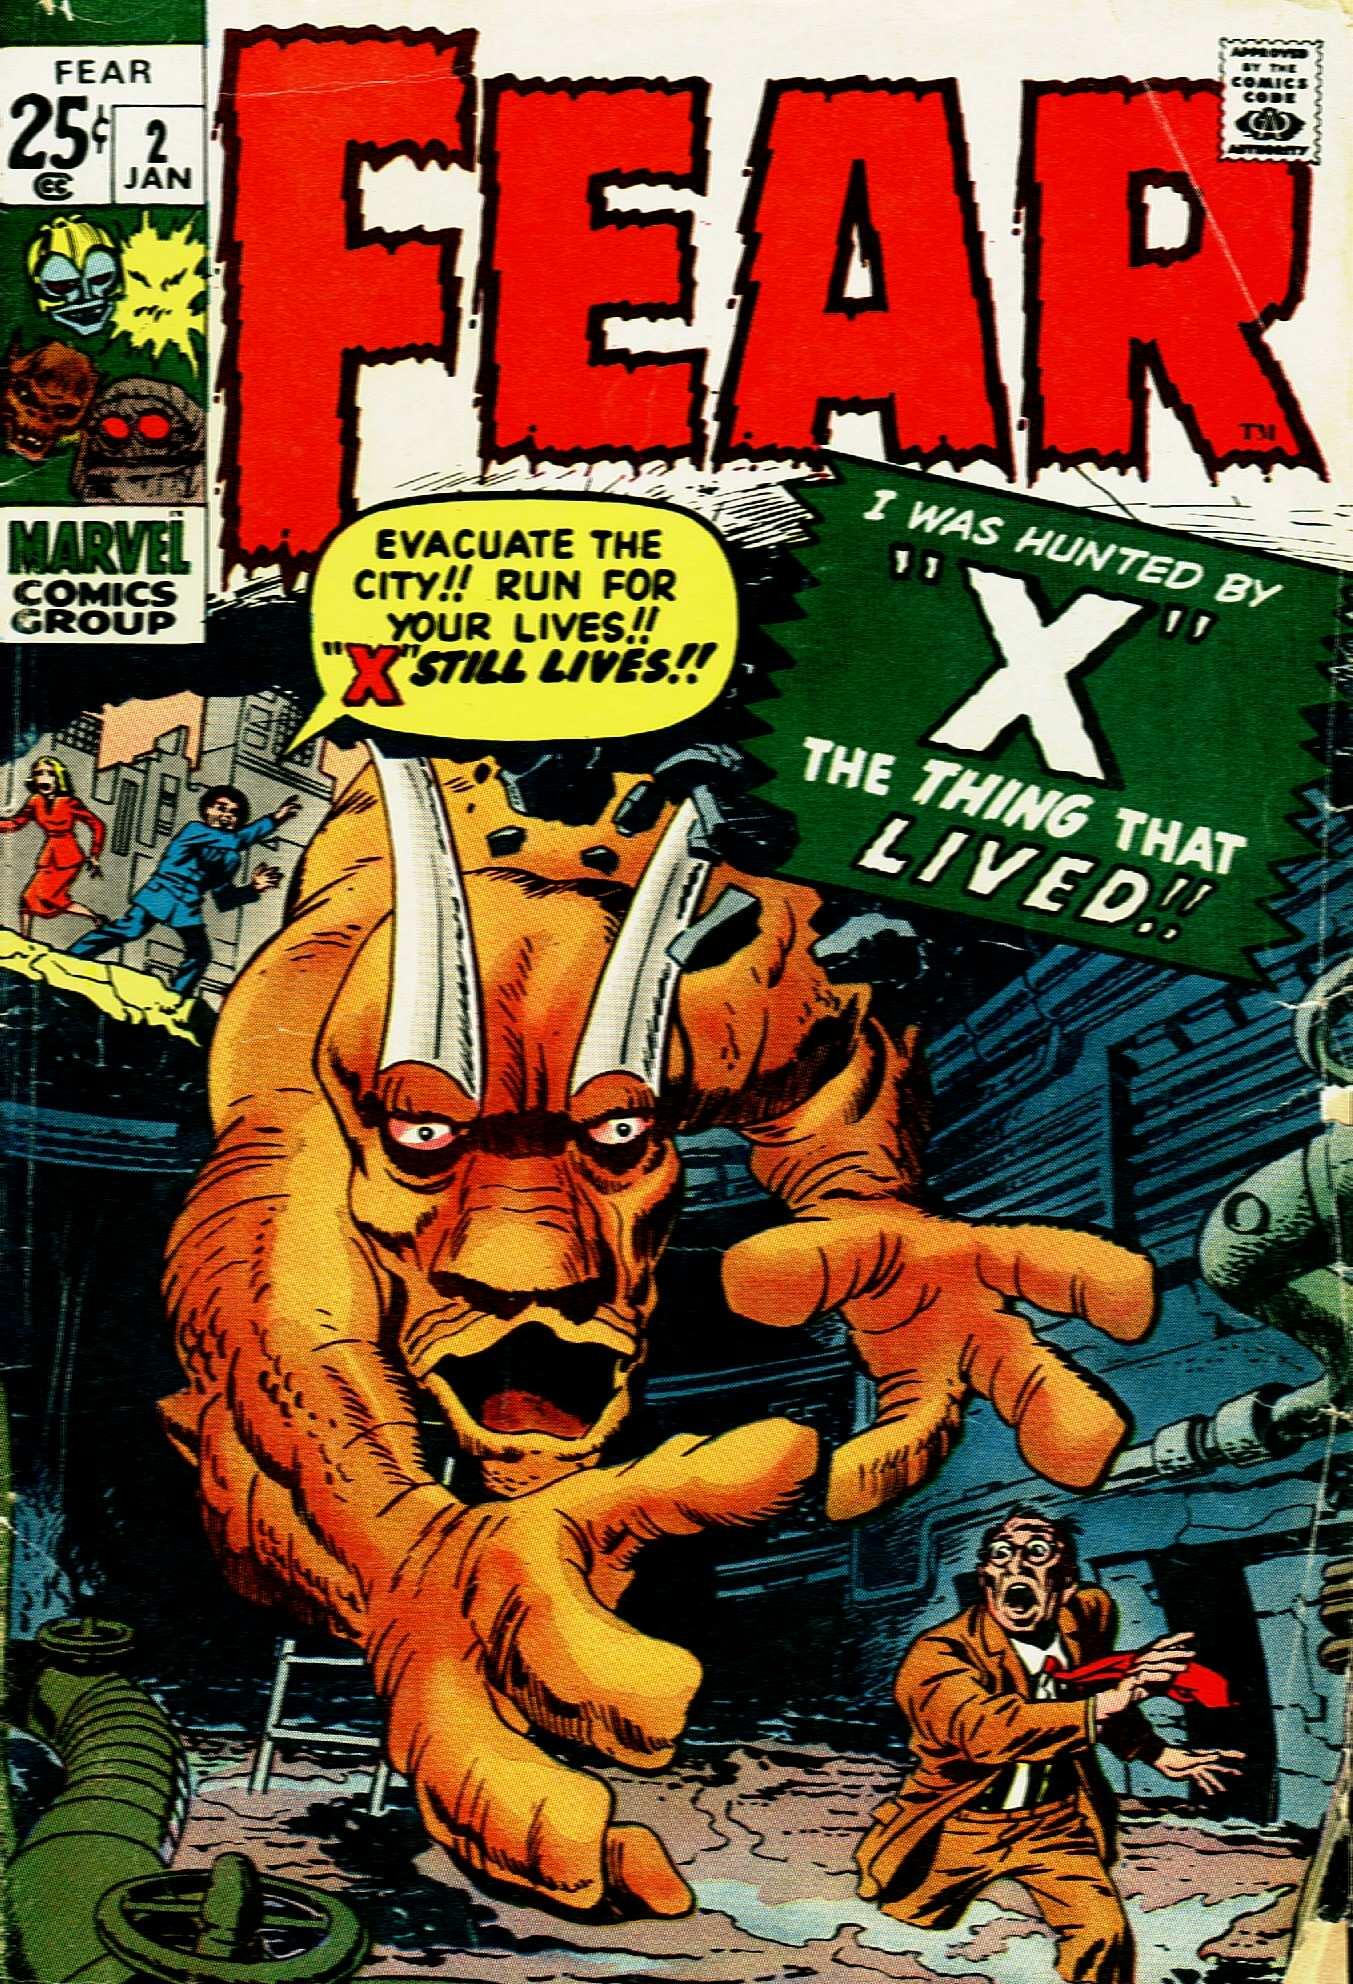 Fear 2 Page 1